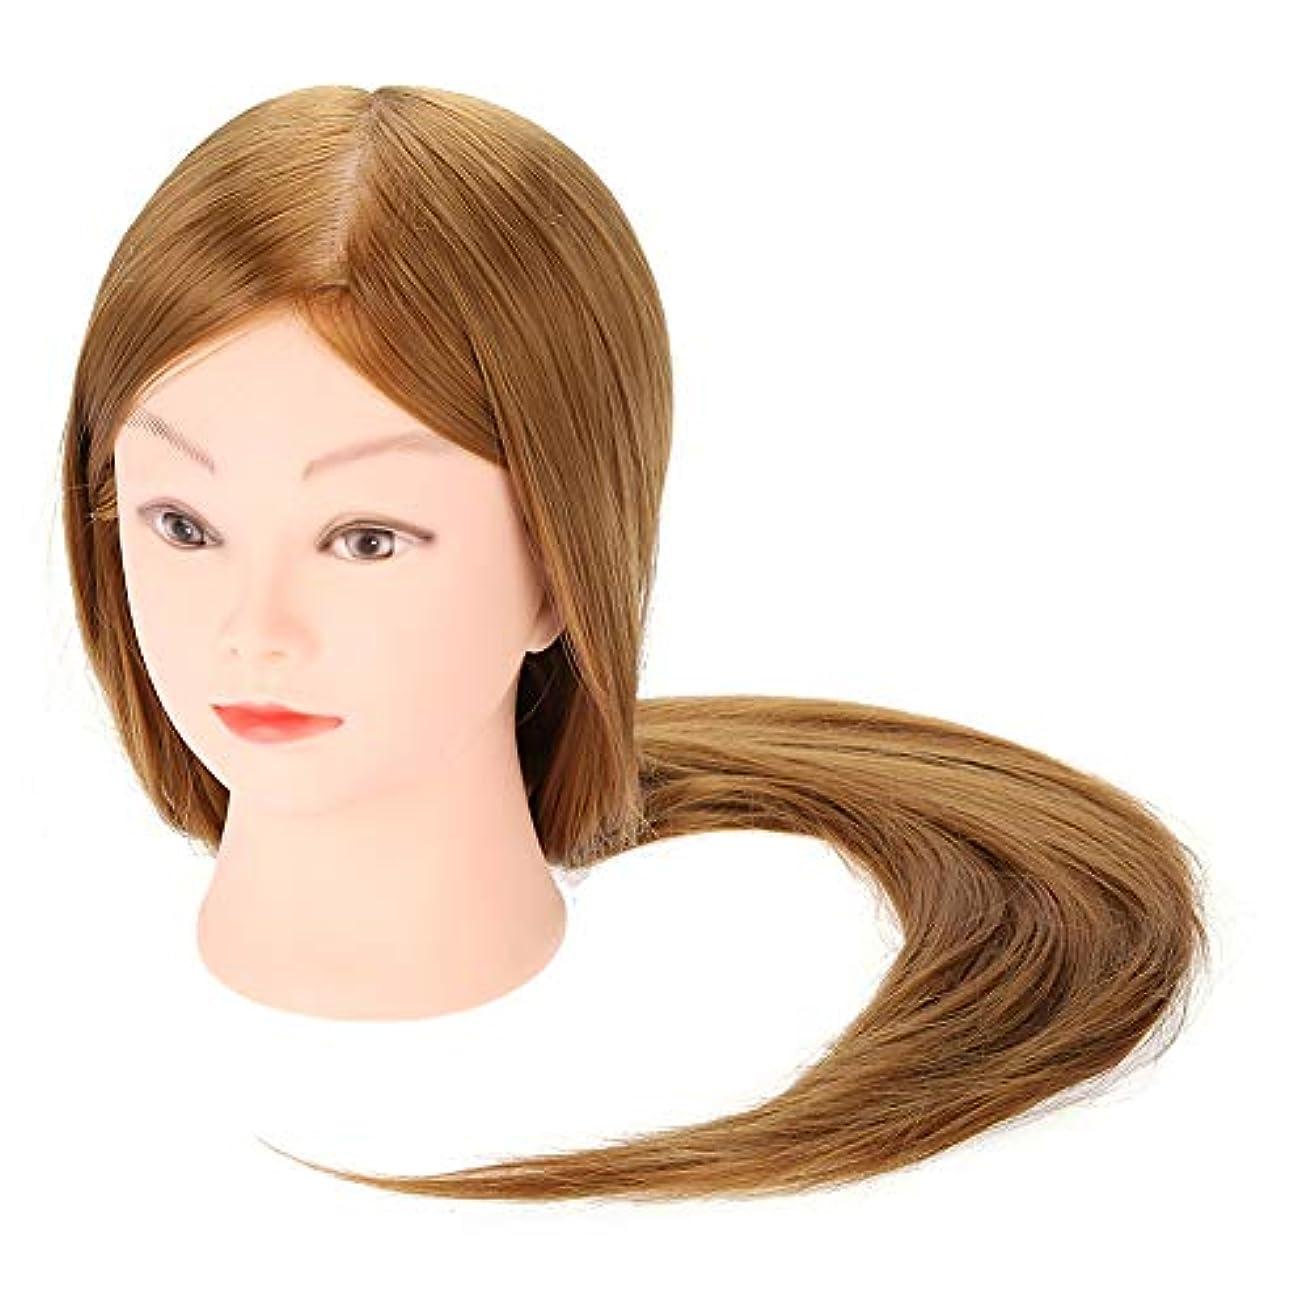 先に優しい先のことを考えるヘアトレーニングヘッド、 ヘアスタイリング 美容練習用ヘアスタイリングプラクティス ヘアドレッシング かつらマネキン